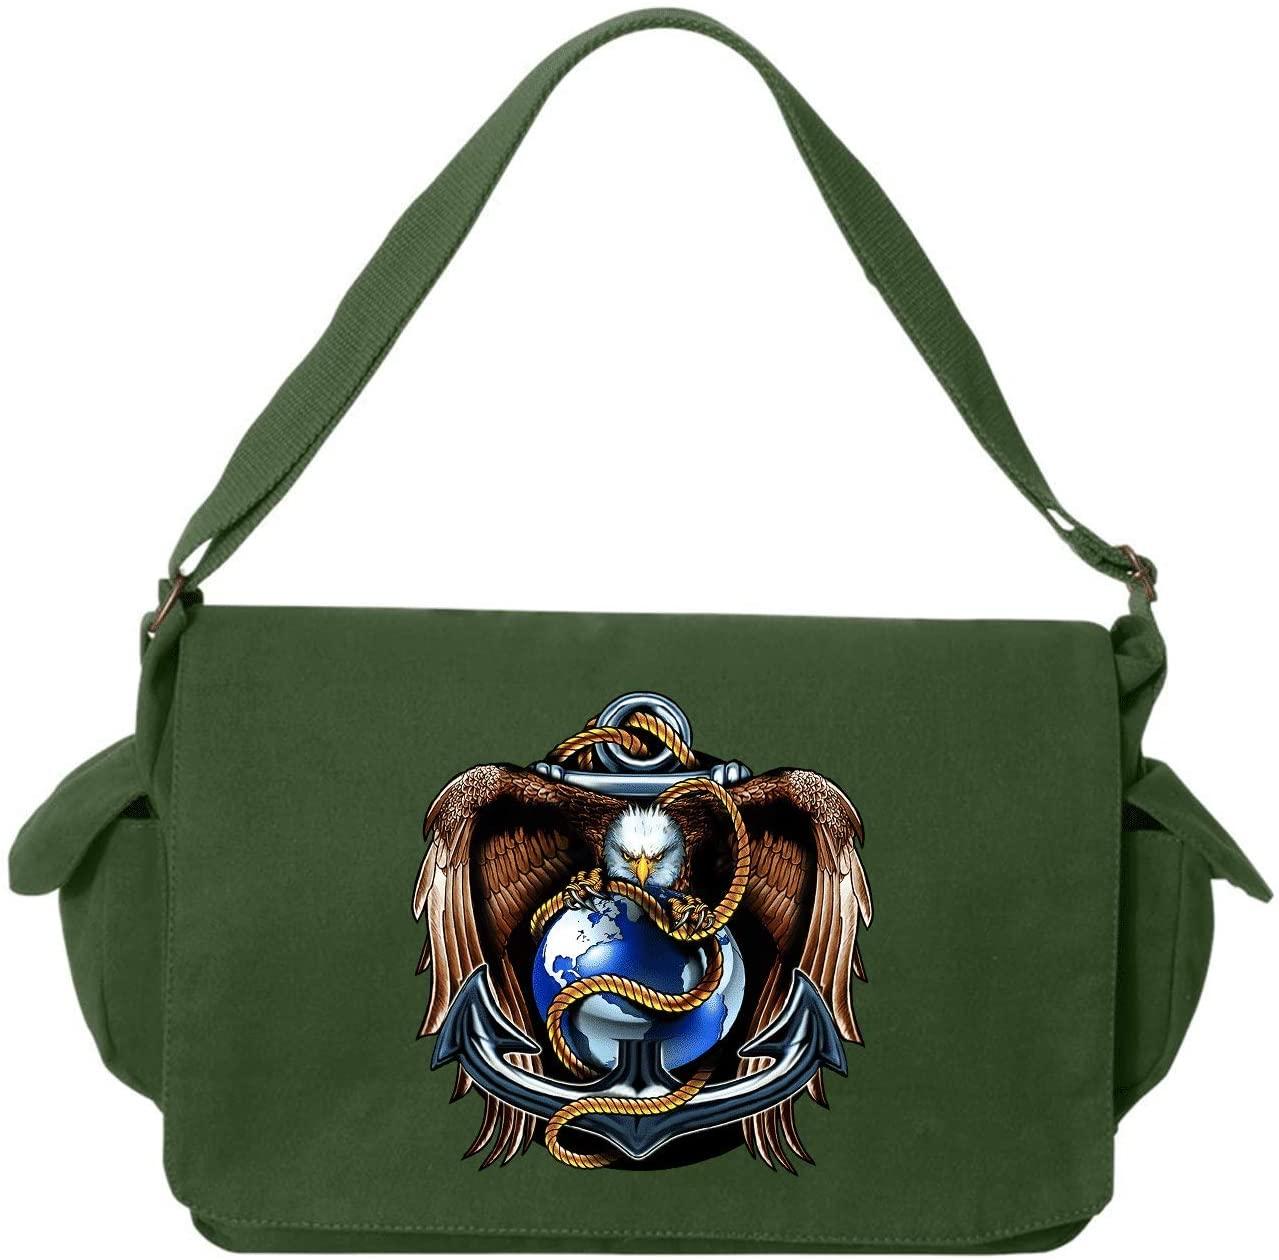 HARD EDGE DESIGN Eagle, Globe, Anchor Green Brushed Canvas Messenger Bag